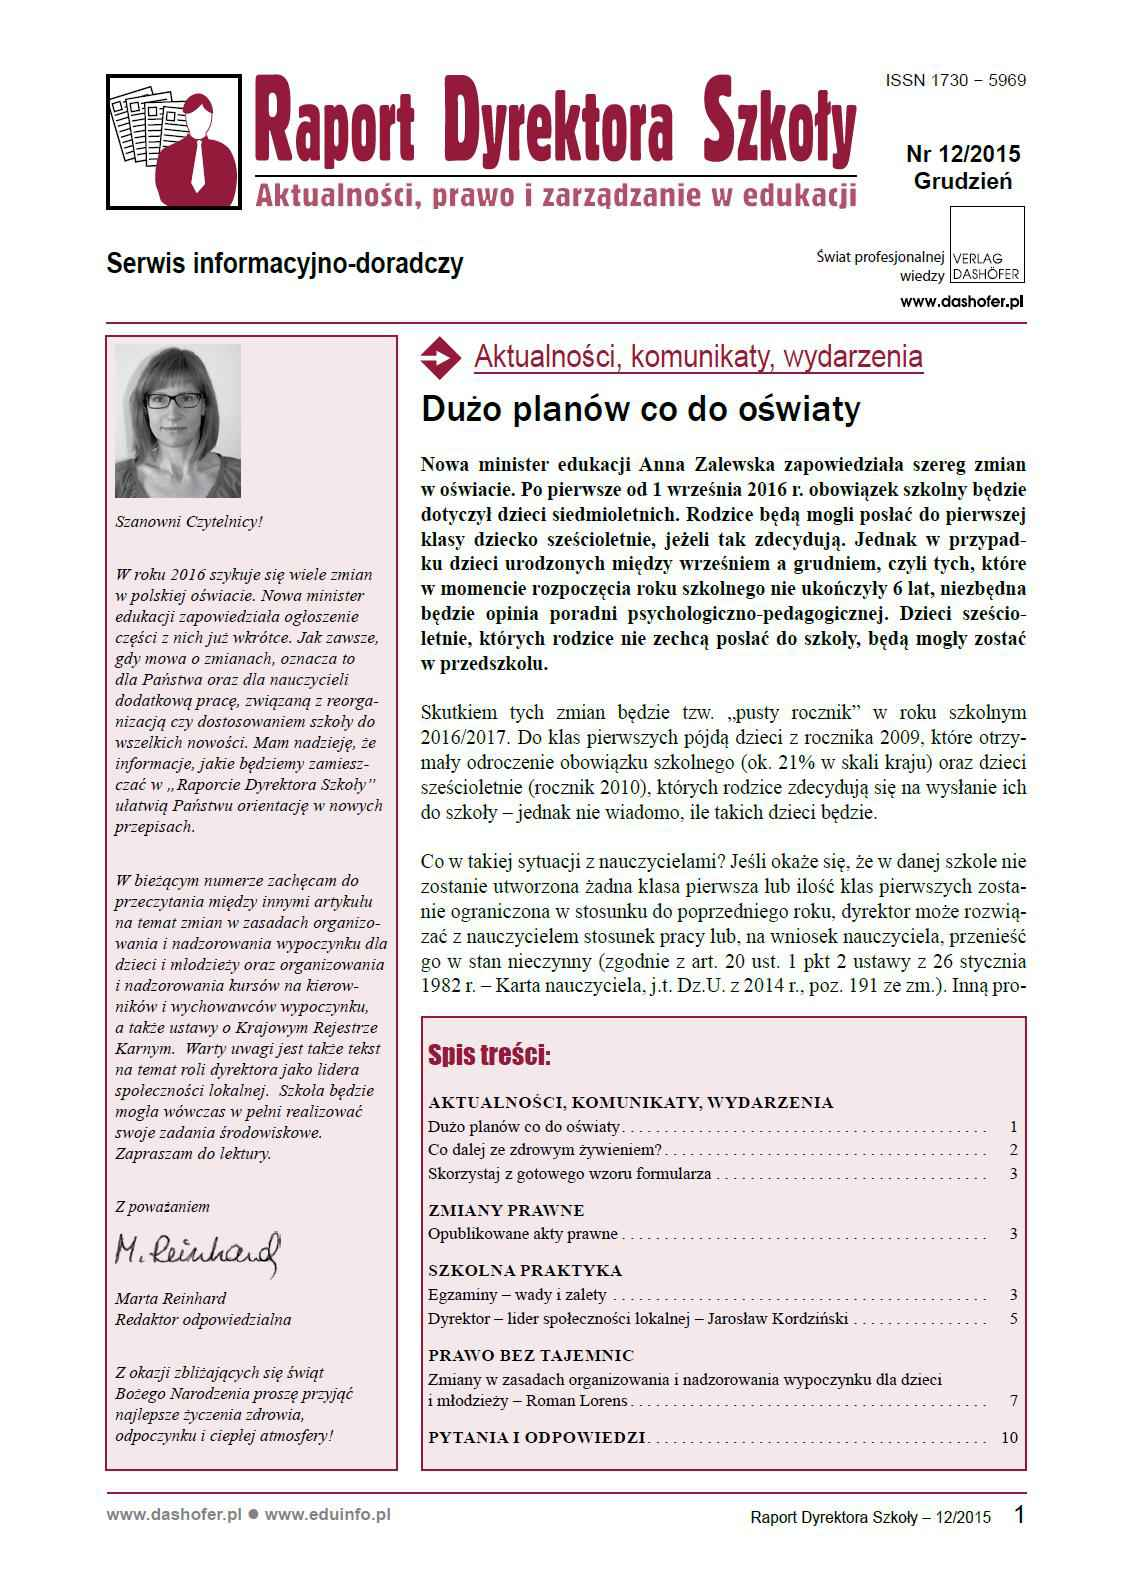 Raport Dyrektora Szkoły. Aktualności, prawo i zarządzanie w edukacji. Nr 12/2015 - Ebook (Książka PDF) do pobrania w formacie PDF